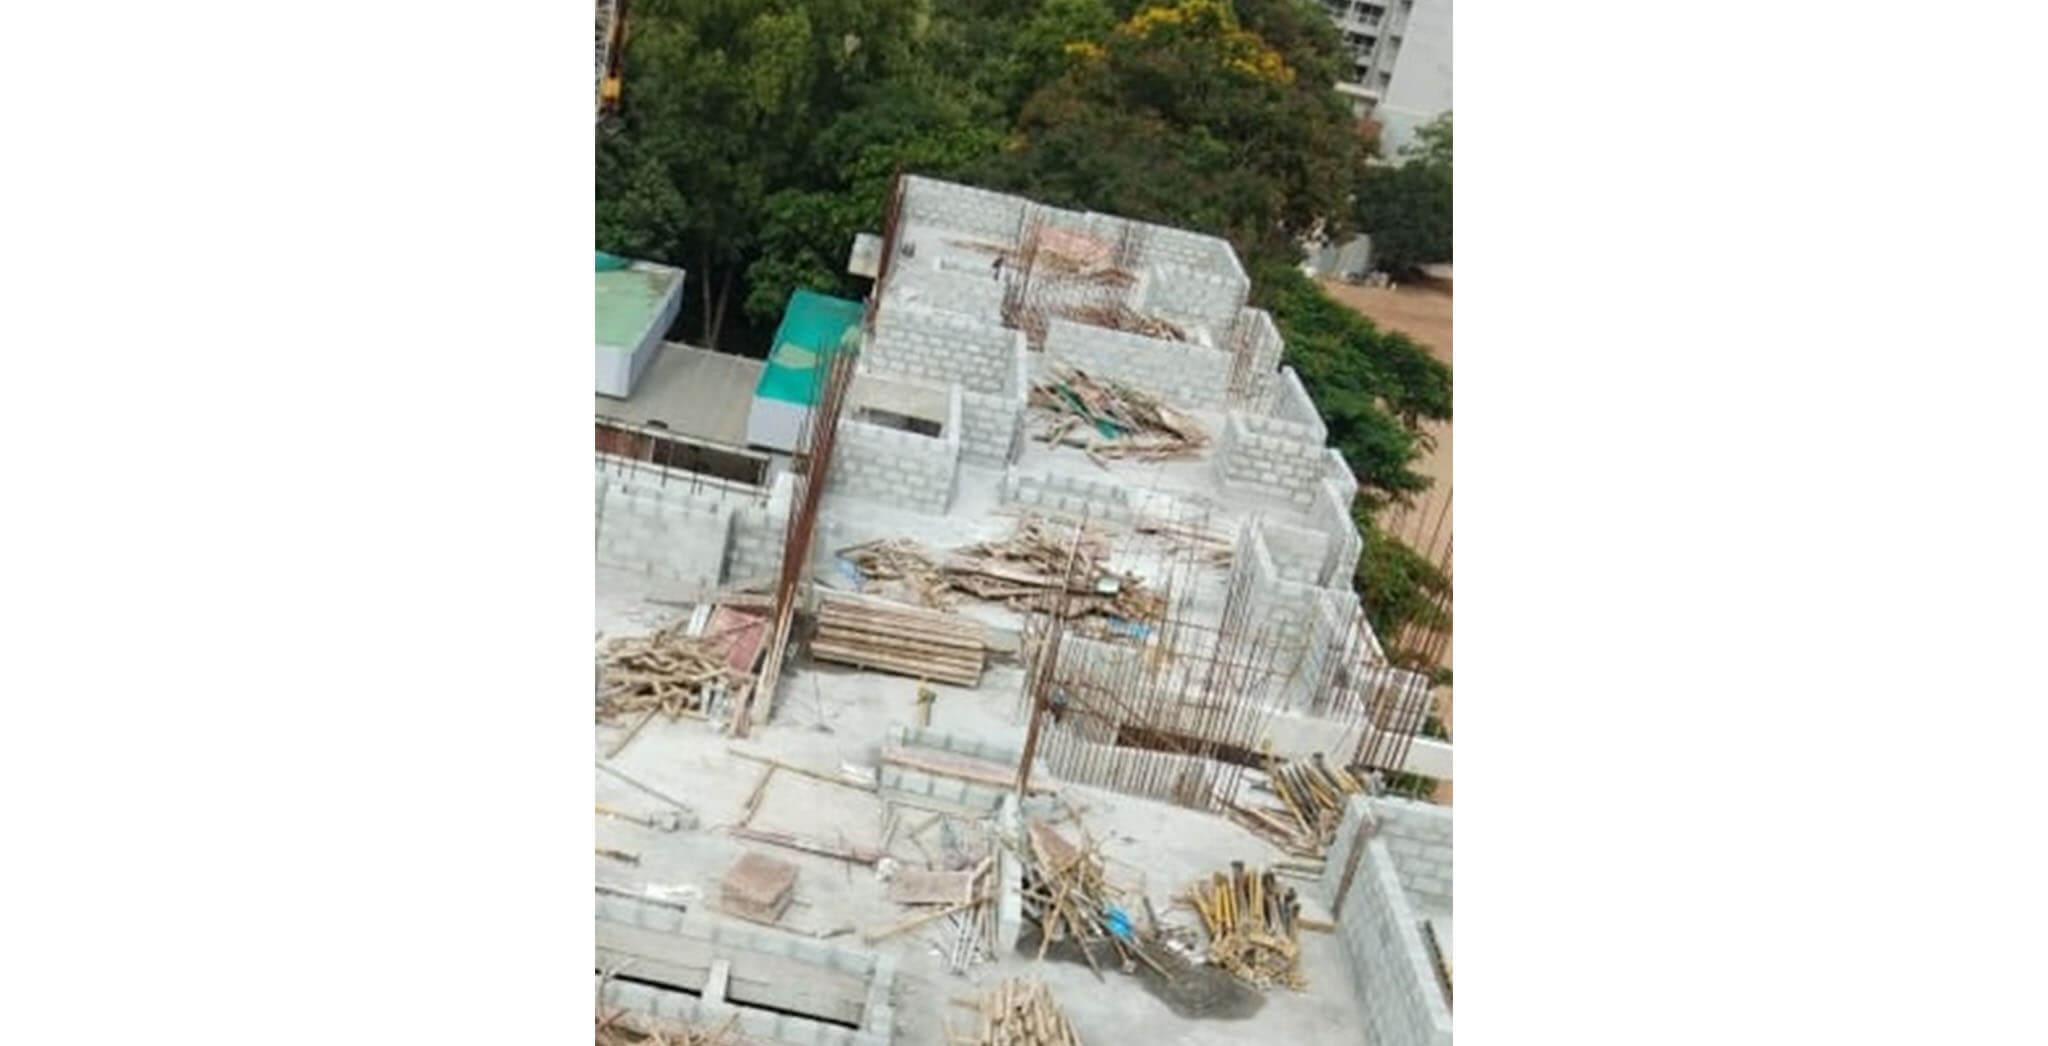 Jun 2020 - H Block: Above terrace floor column reinforcement work-in-progress; 3rd floor block-work in progress.